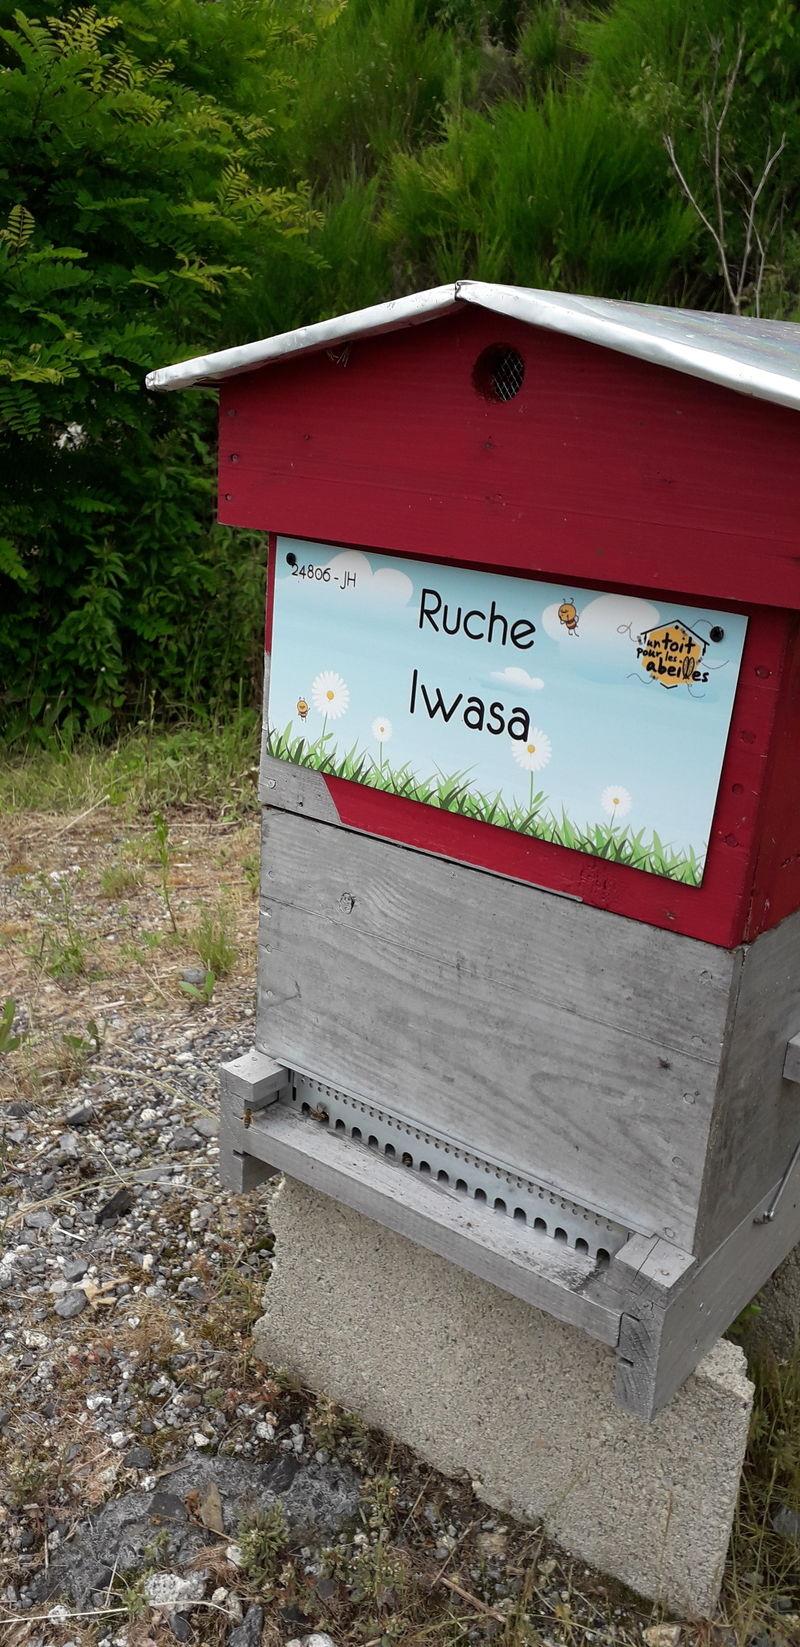 La ruche Iwasa